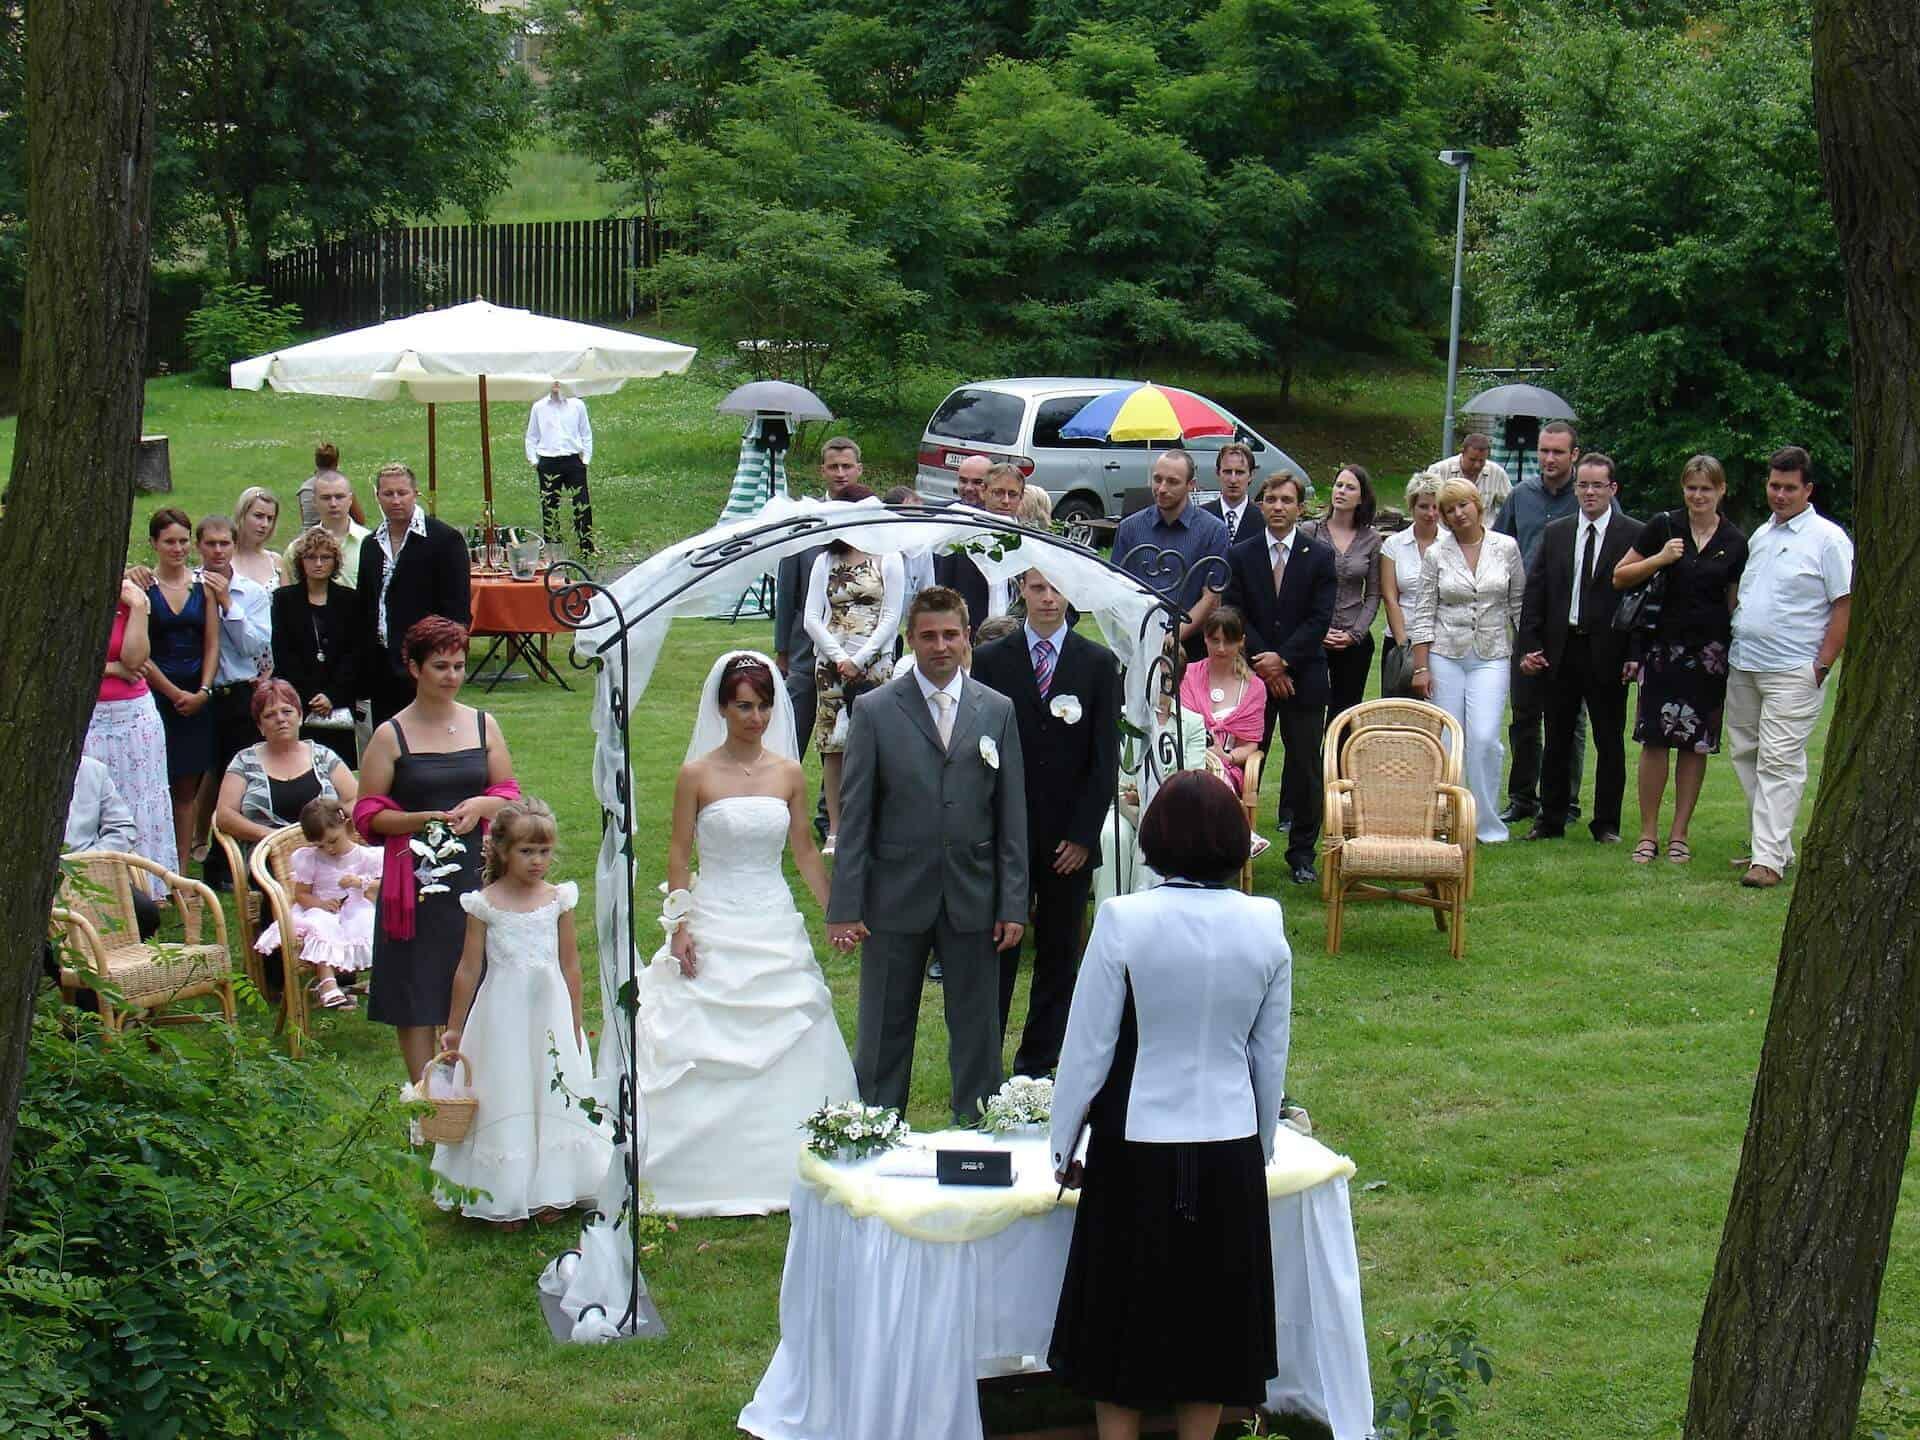 Hliněná bašta Průhonice svatební venkovní obřad 2